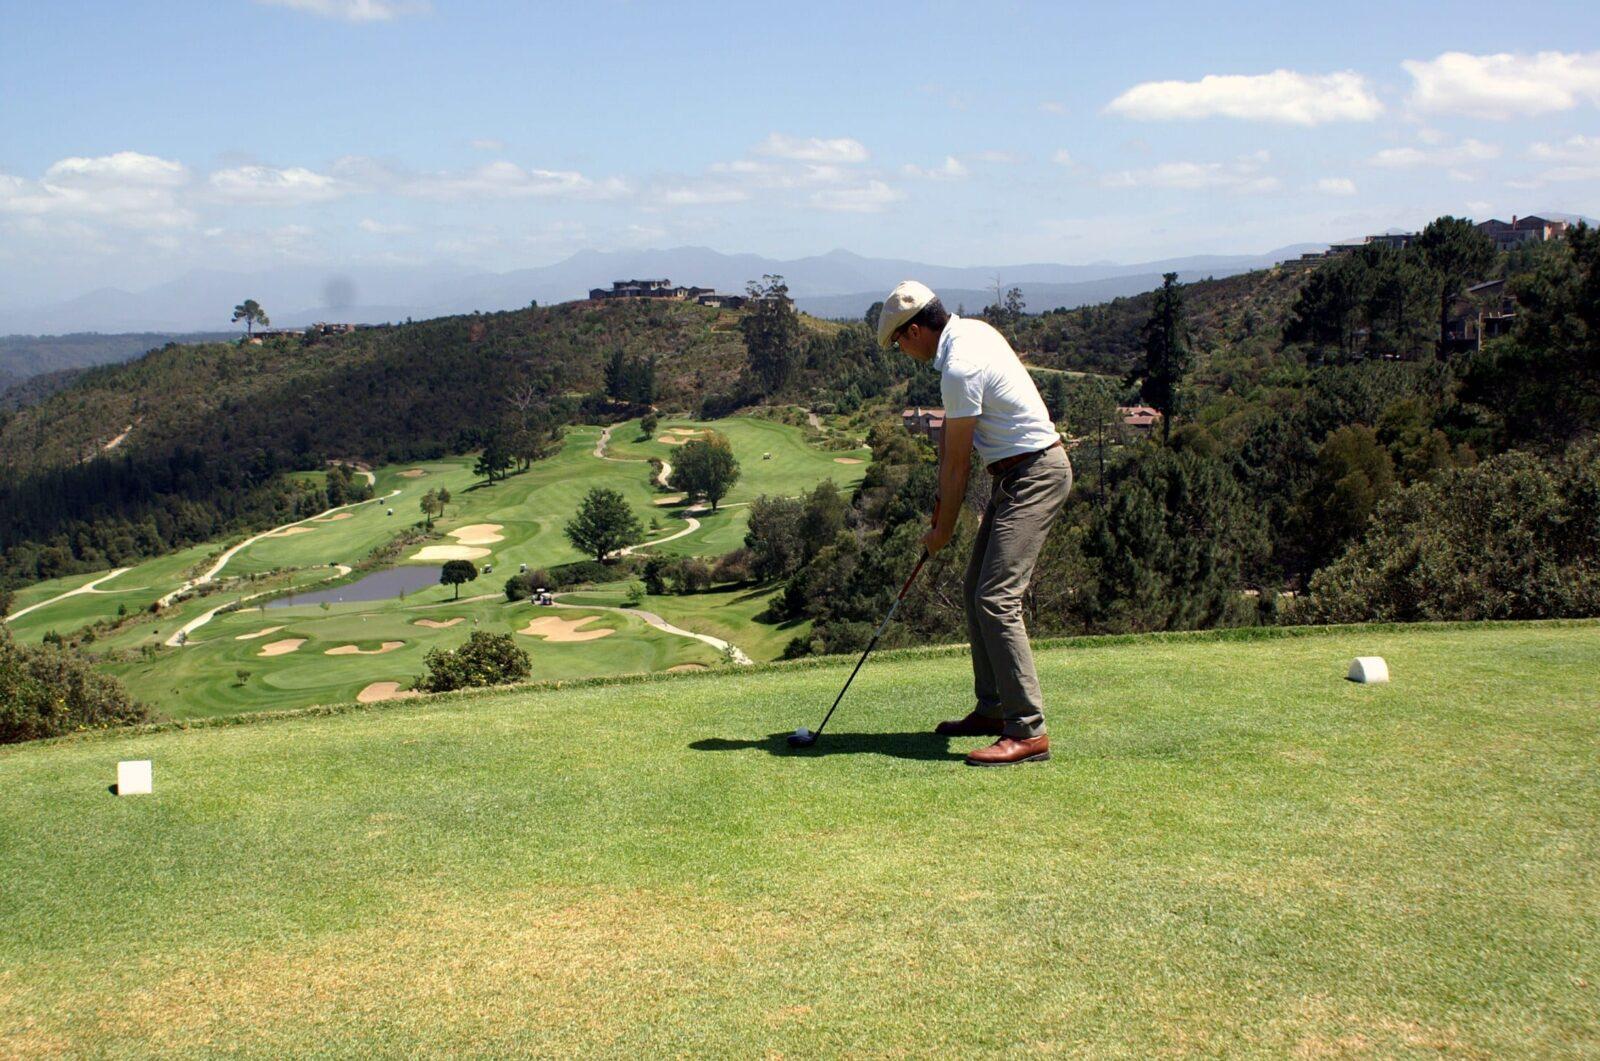 Walter Schärer schlägt ab im Simola Golfplatz in Südafrika